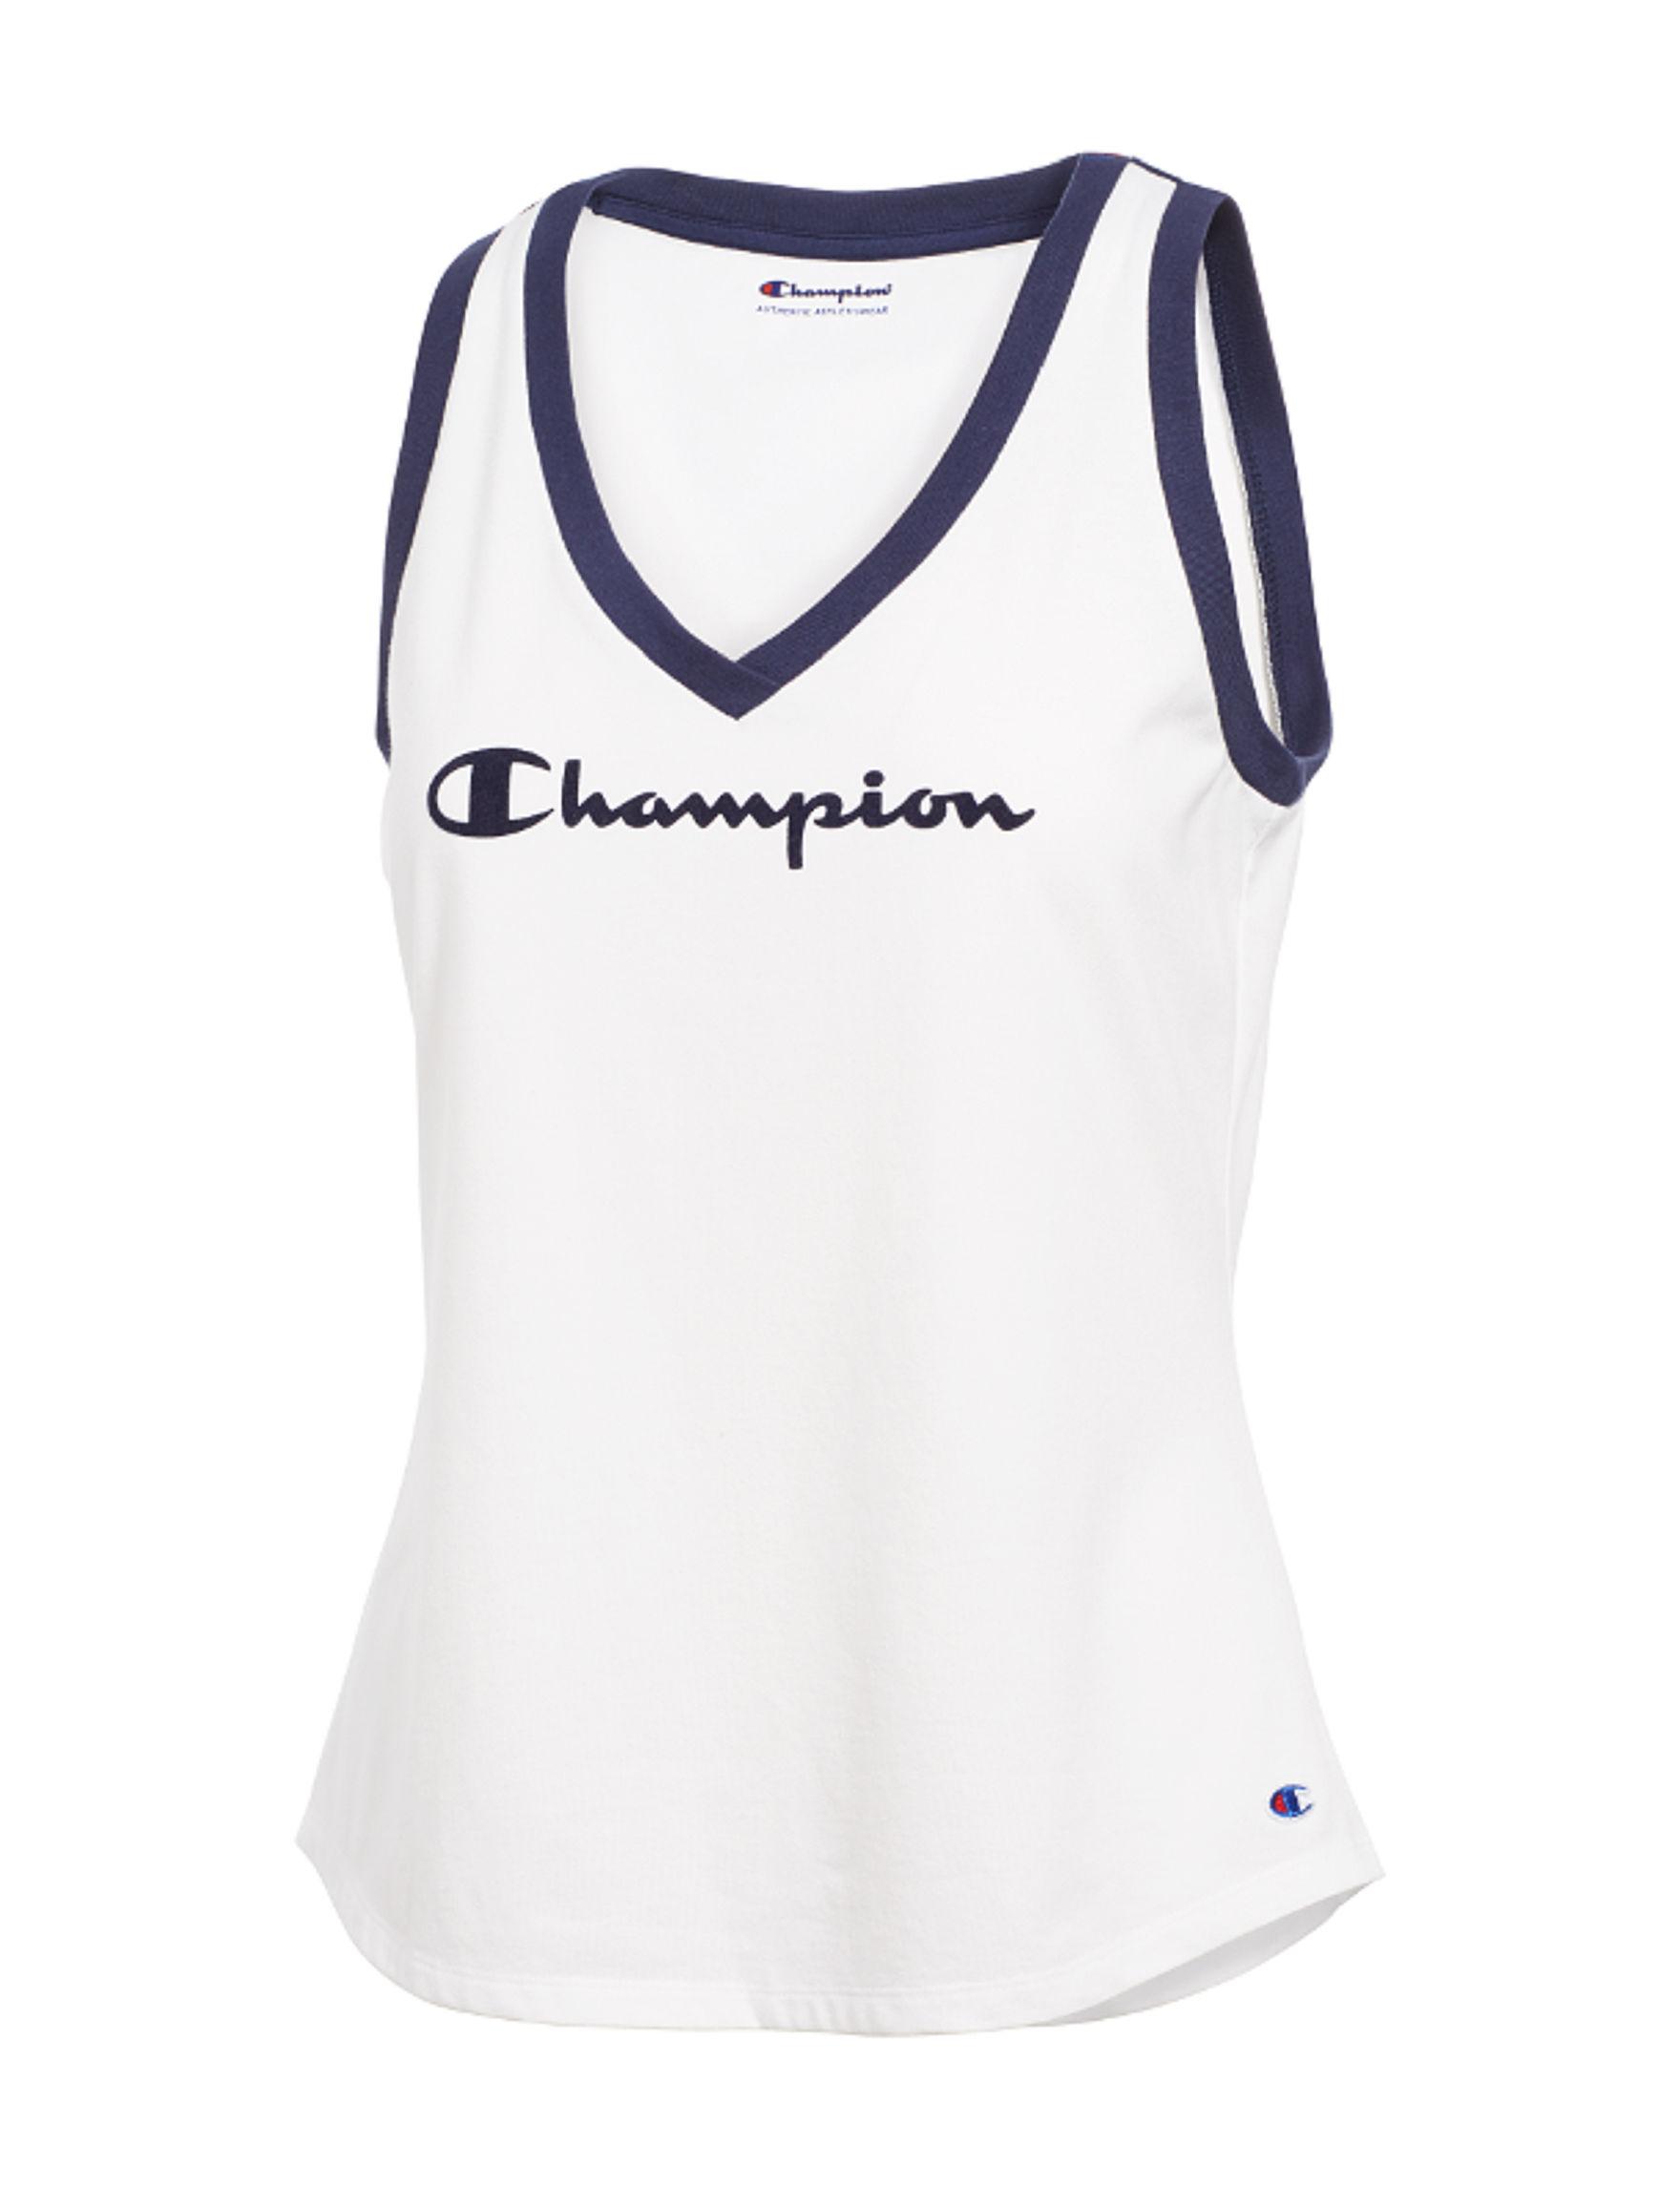 Champion White Tees & Tanks